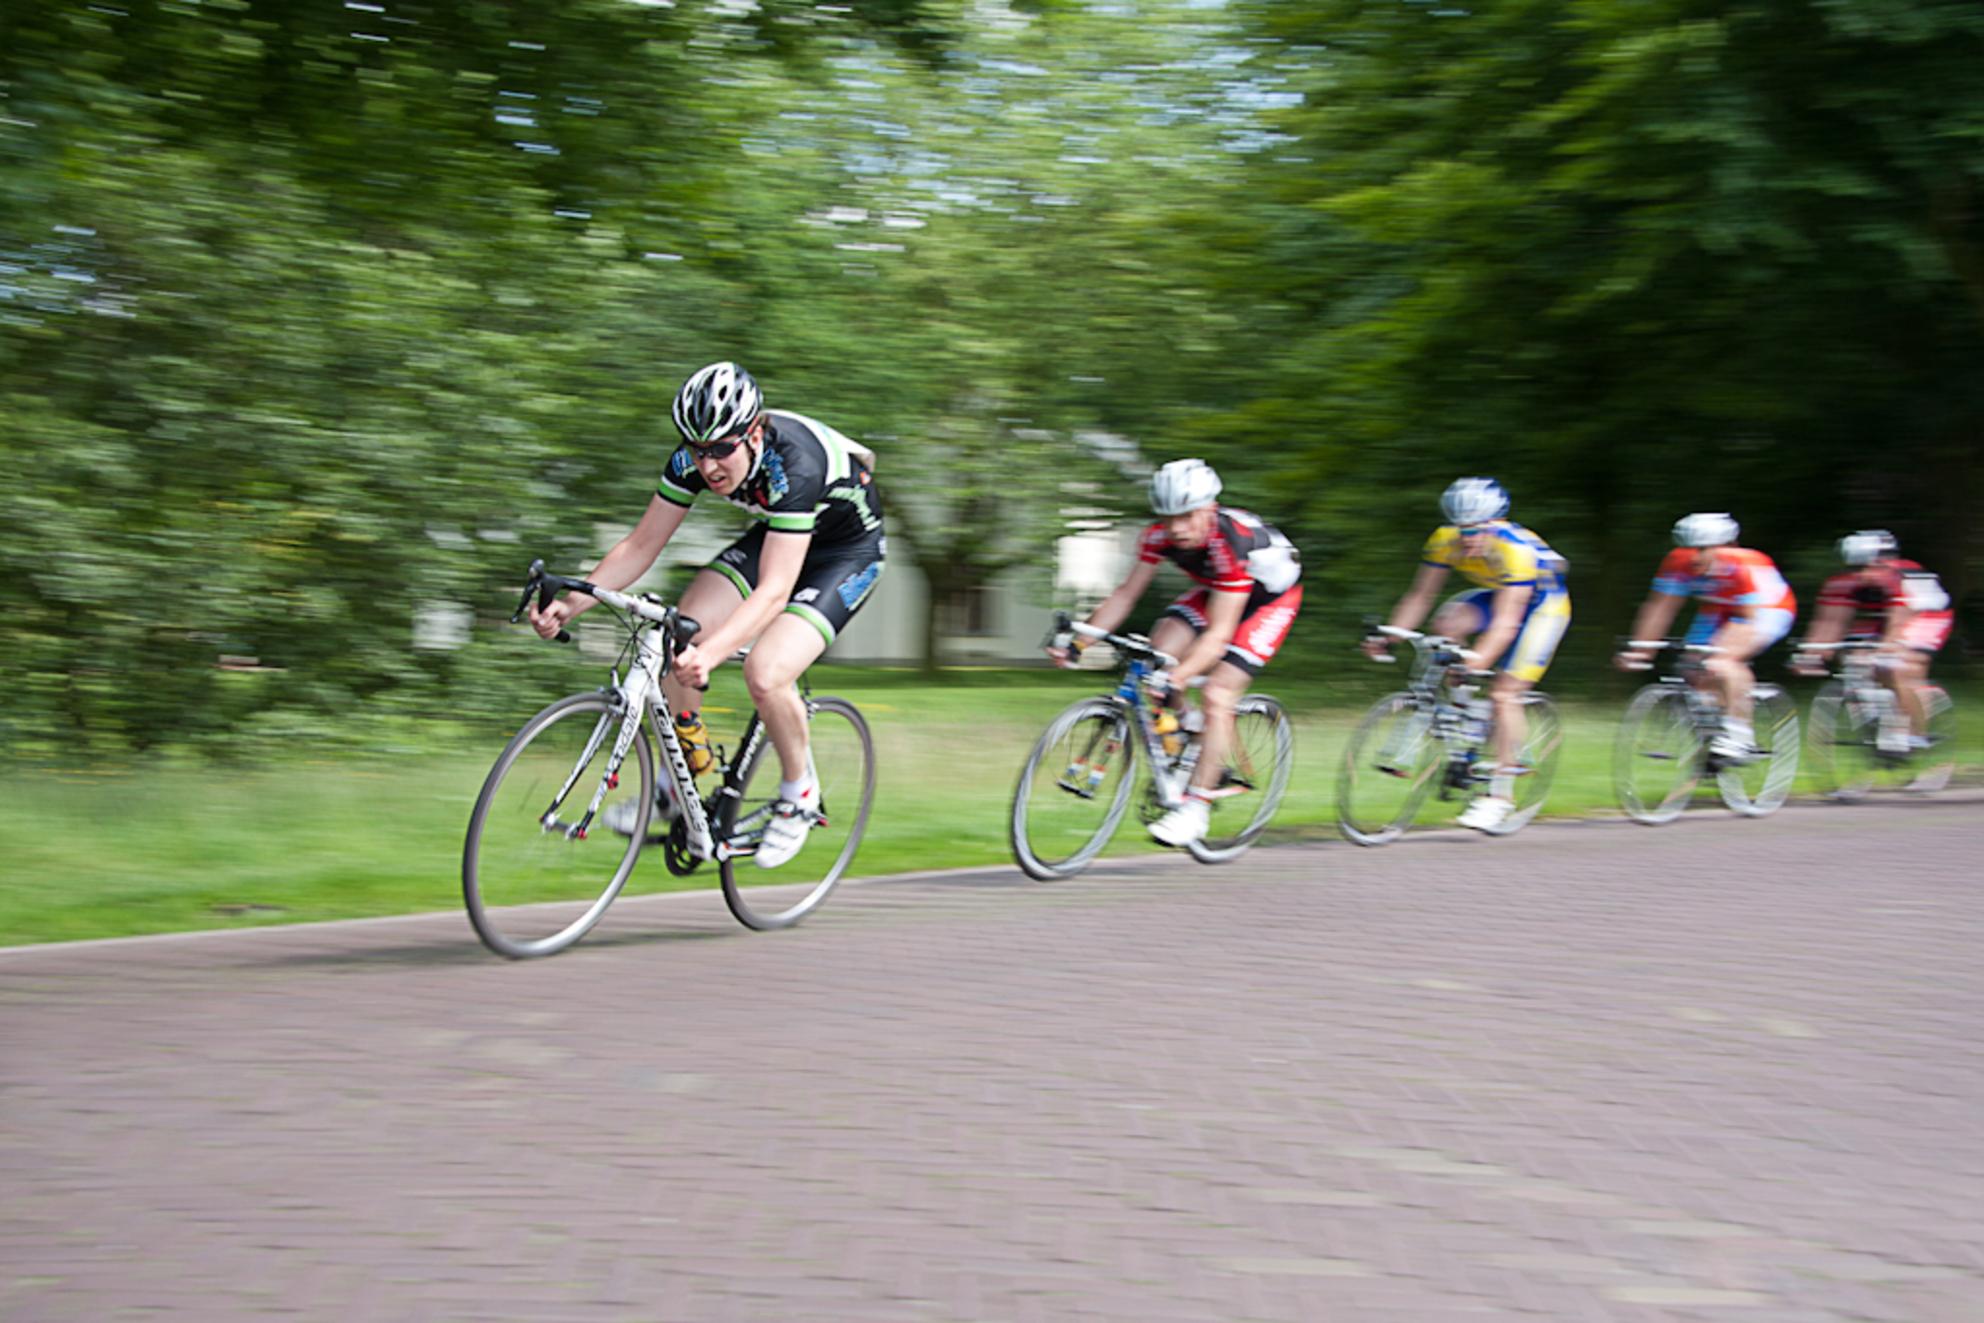 Speed - Tijdens de lokale wielerronde even geoefend in het meetrekken met de camera om zo de snelheidsbeleving van de wielrenners vast te kunnen leggen. Hier - foto door oostindienjp op 01-07-2012 - deze foto bevat: speed, snelheid, fietsen, wielrennen, wielerronde, racefiets, scherpte, onscherpte, achtervolging, renners - Deze foto mag gebruikt worden in een Zoom.nl publicatie